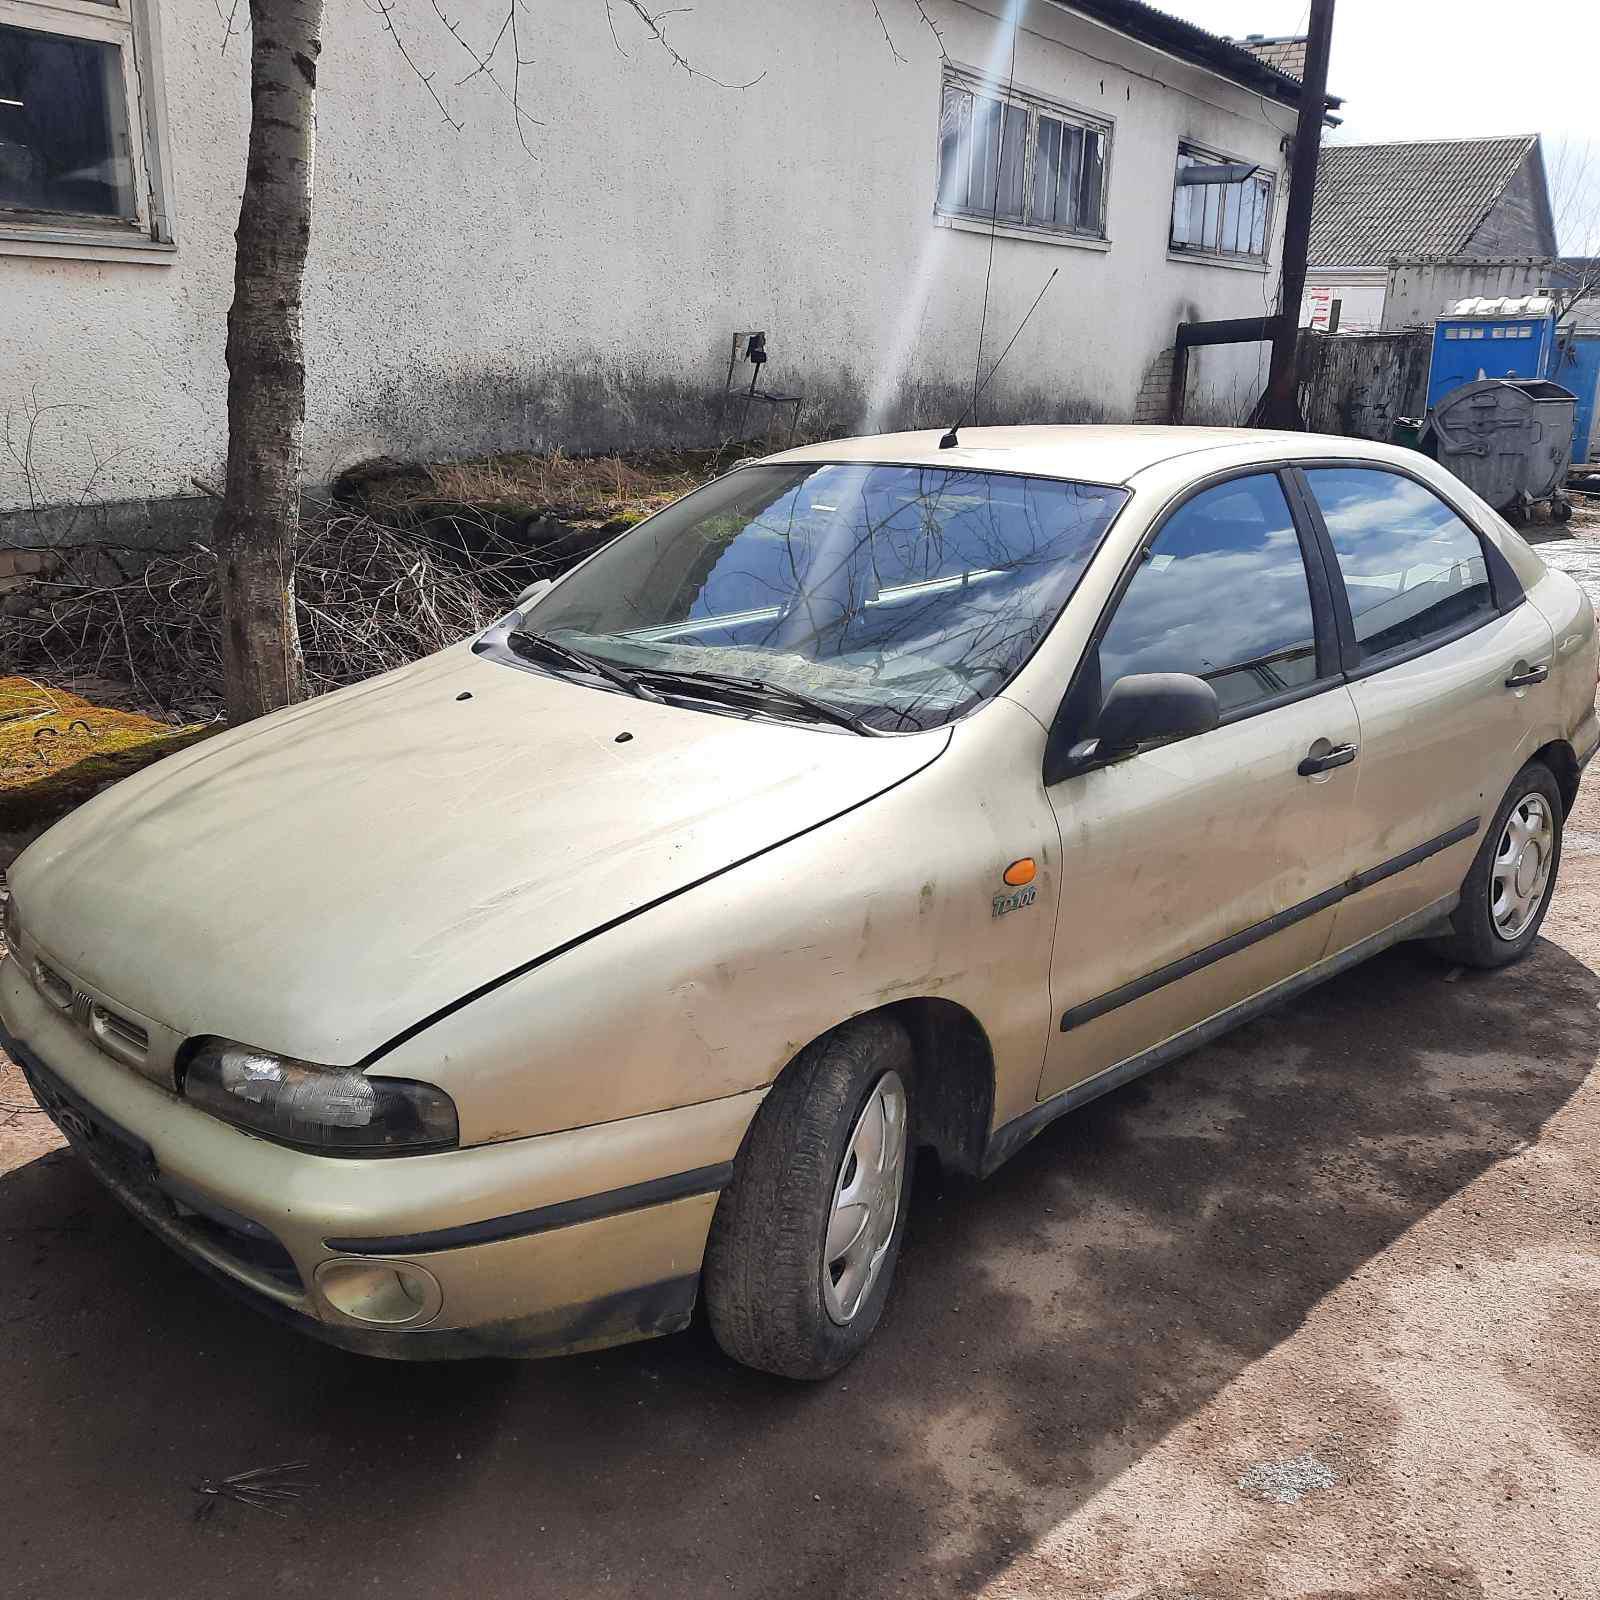 Подержанные Автозапчасти Foto 3 Fiat BRAVA 1996 1.9 машиностроение хэтчбэк 4/5 d. желтый 2021-4-07 A6134